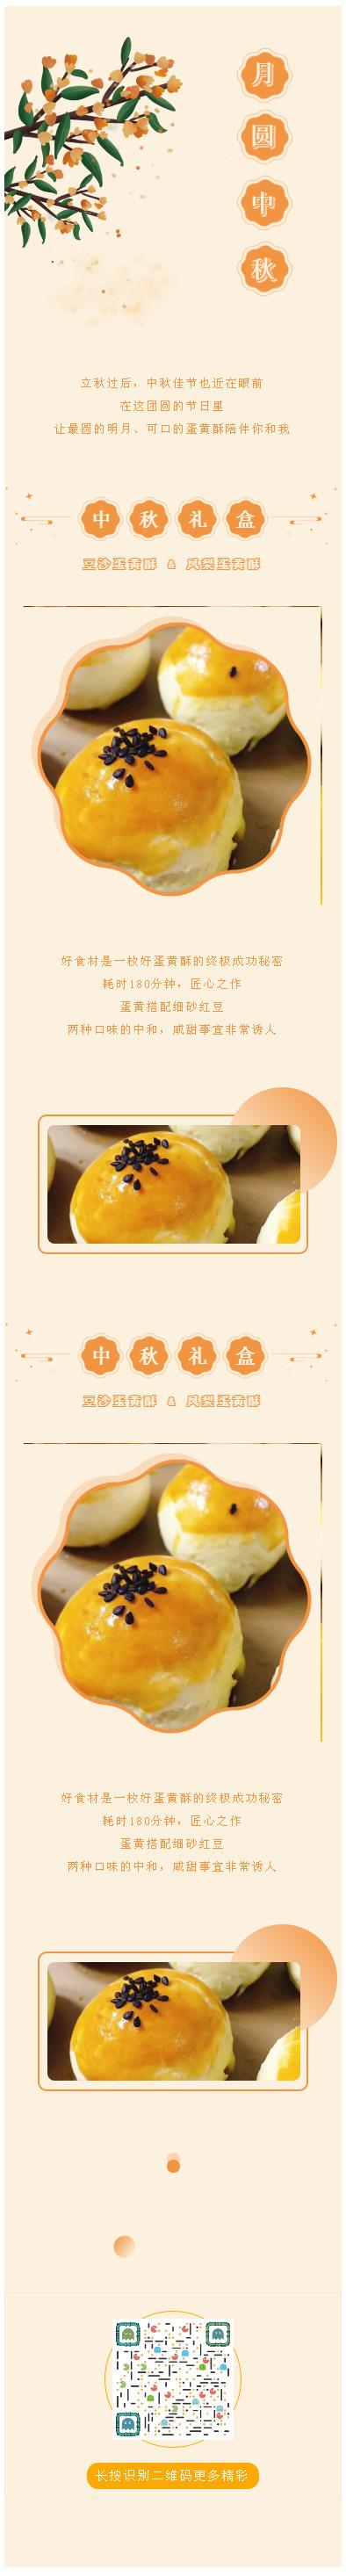 月圆中秋节月饼美食推荐电商微商公众号模板推送图文素材